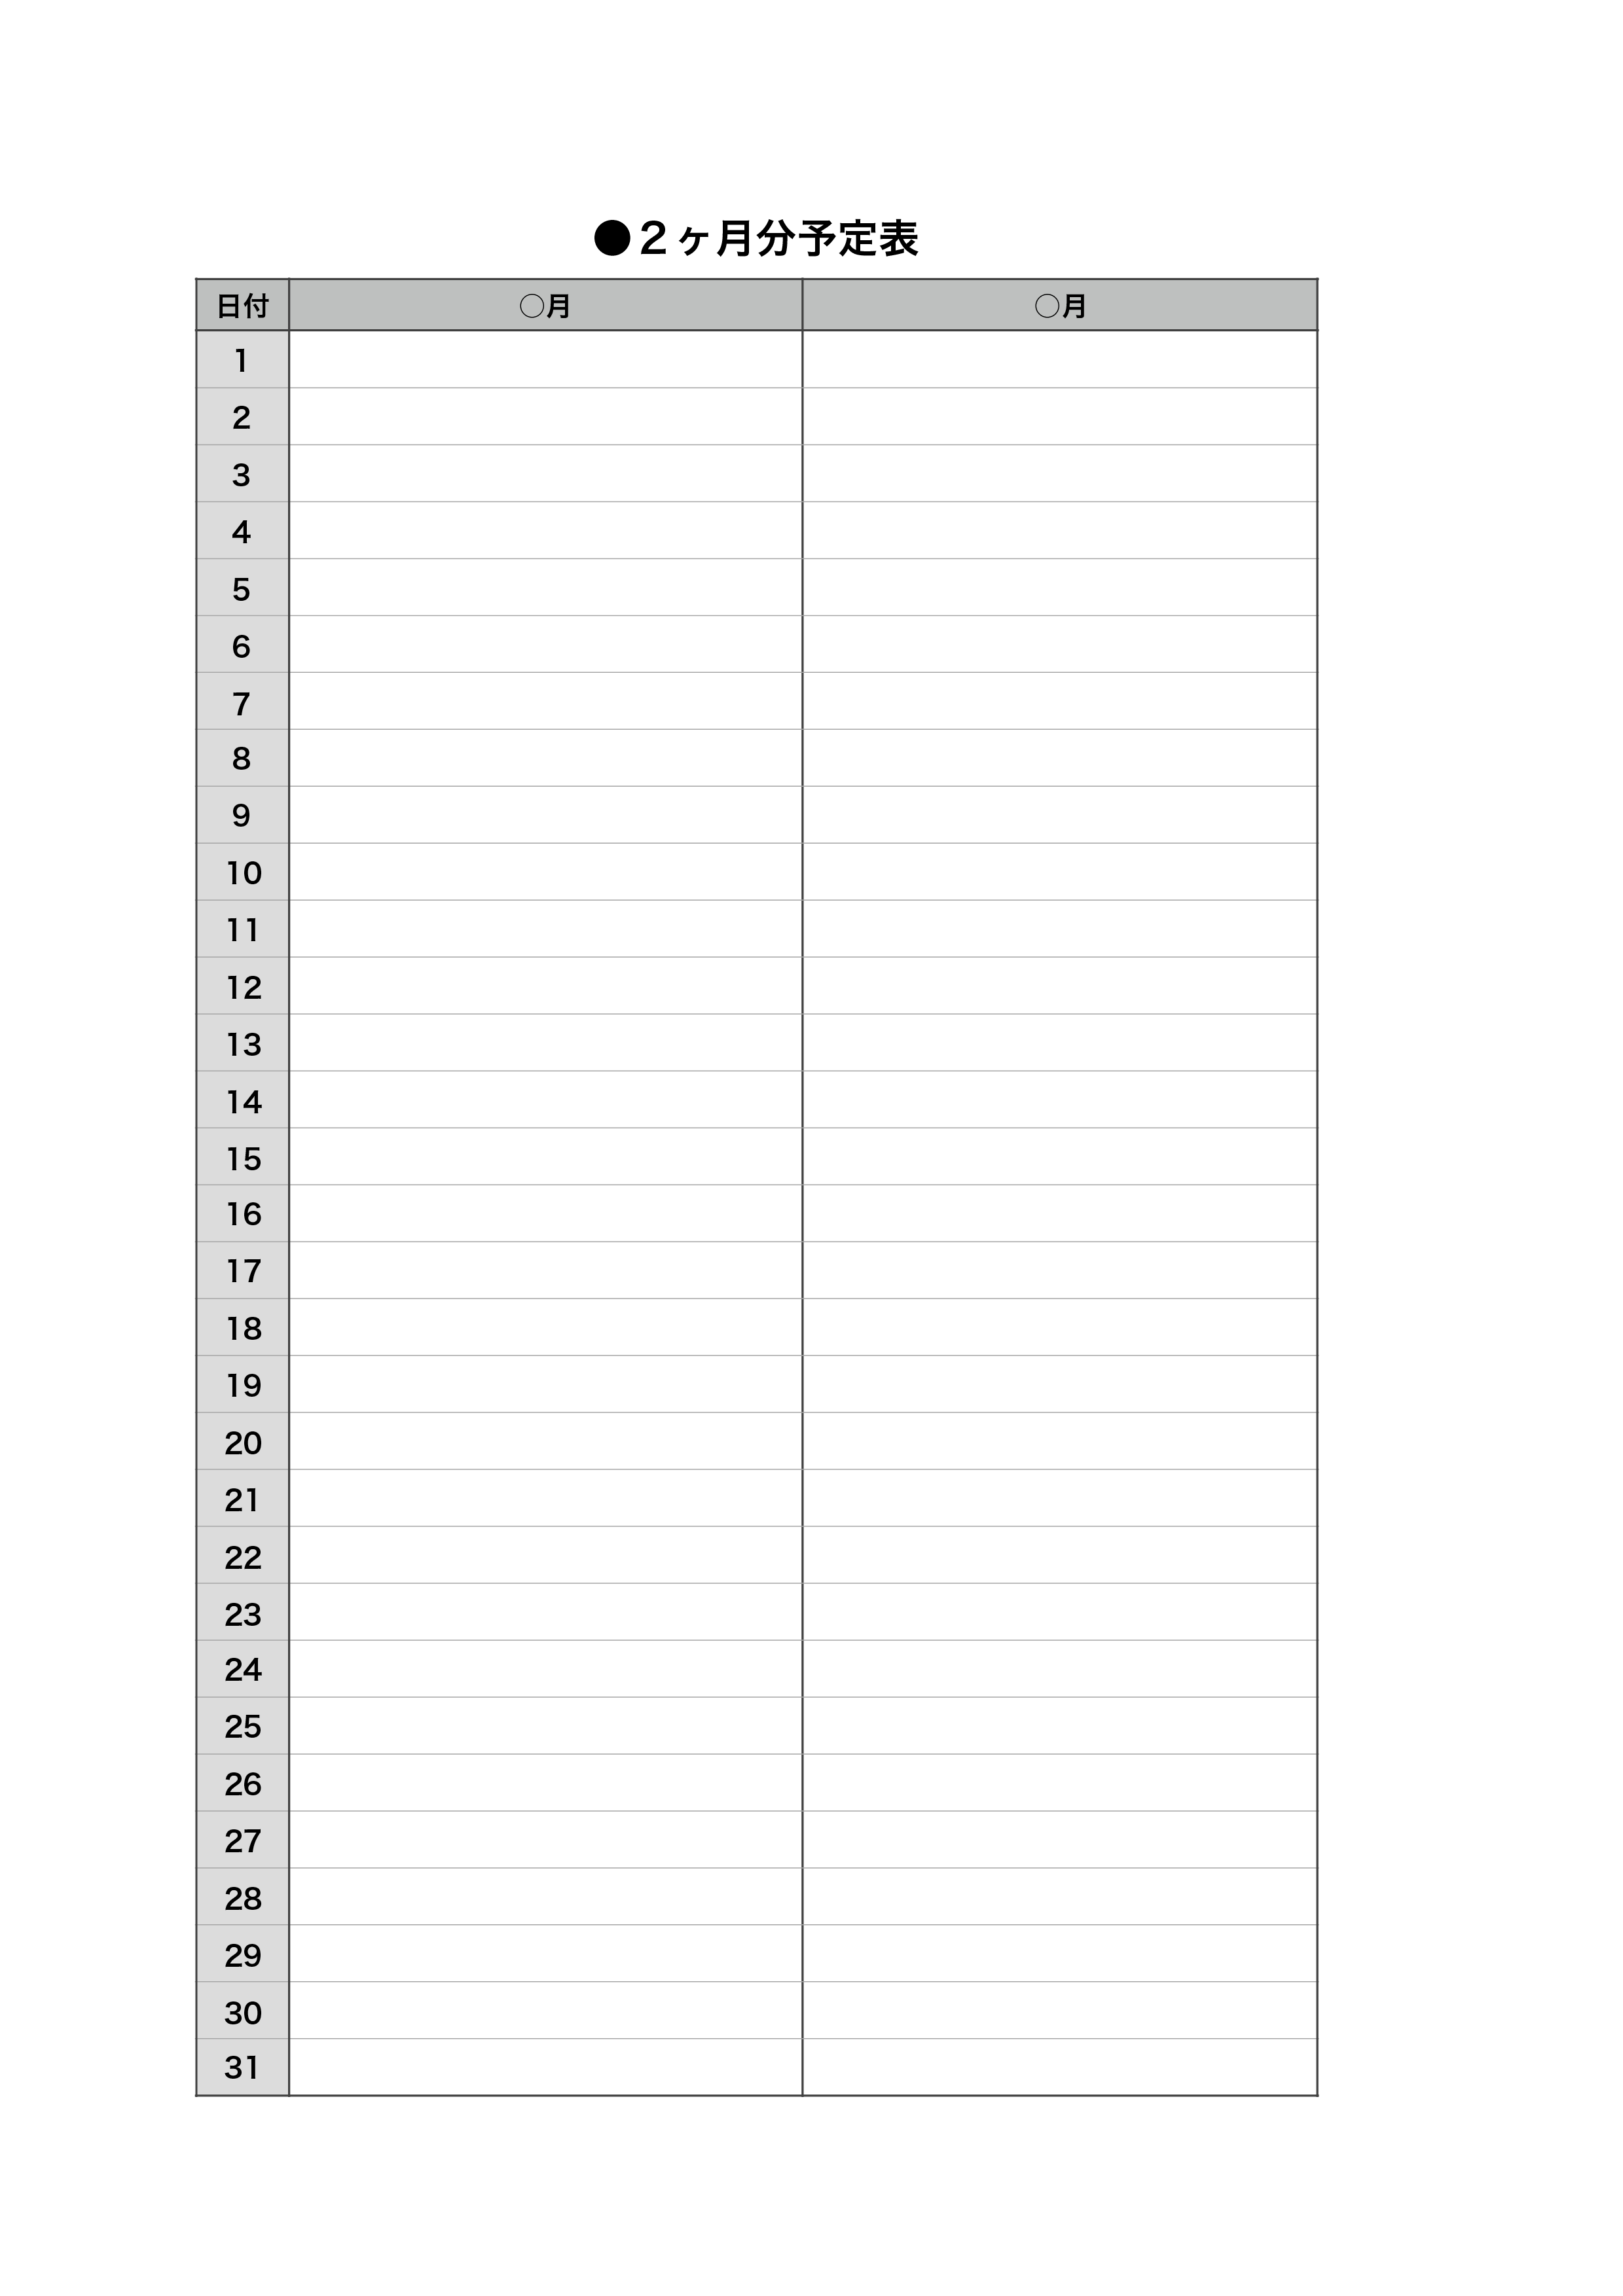 2ヶ月分の予定表のテンプレート(ワード、ページズ)シンプルグレー